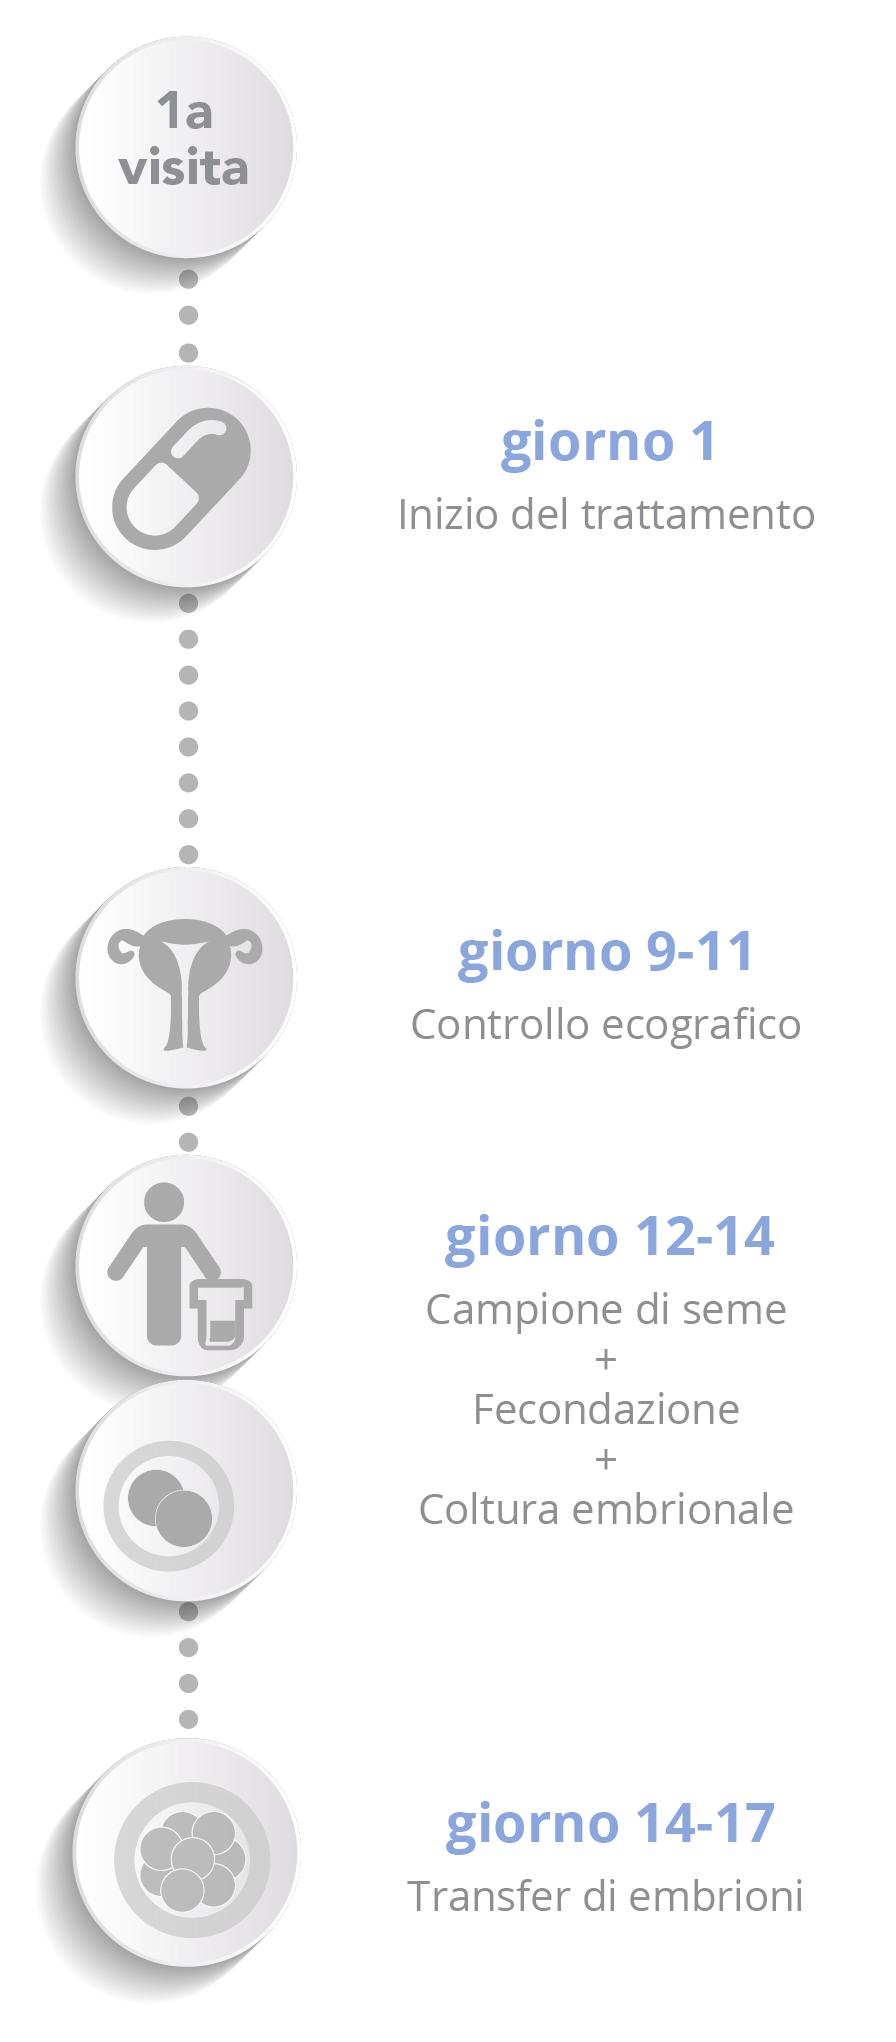 Donazione di ovuli - Schema verticale